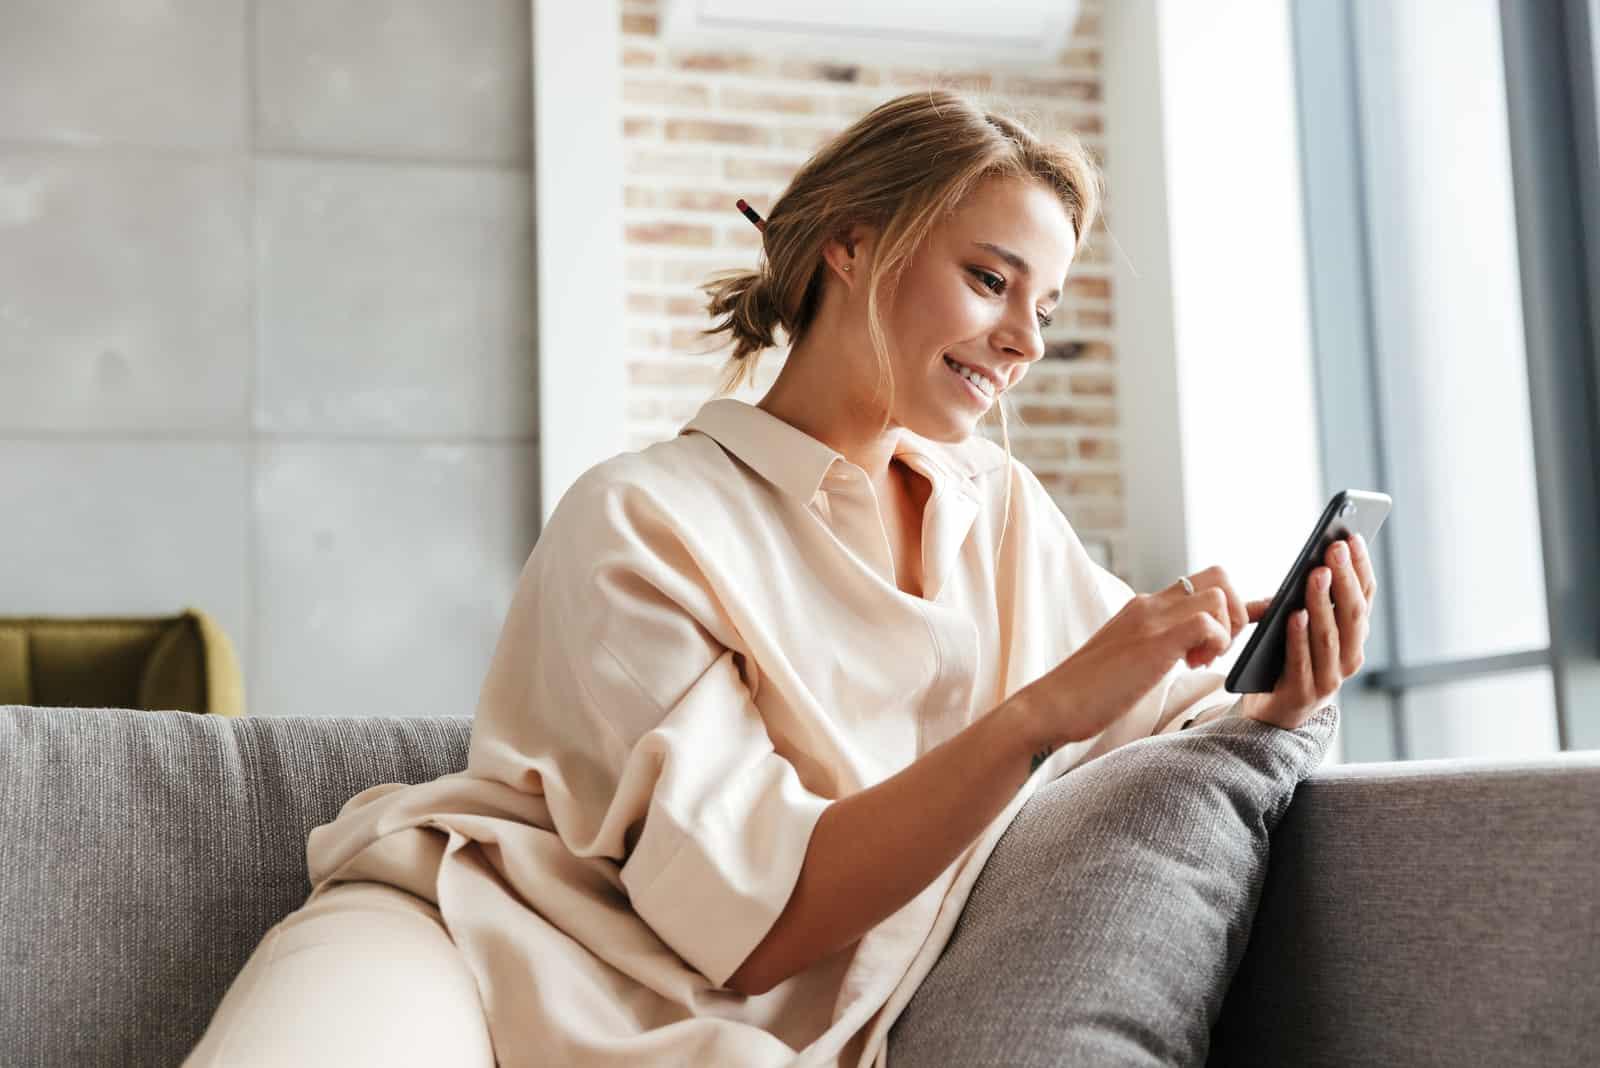 une femme souriante est assise sur le canapé et en appuyant sur un téléphone